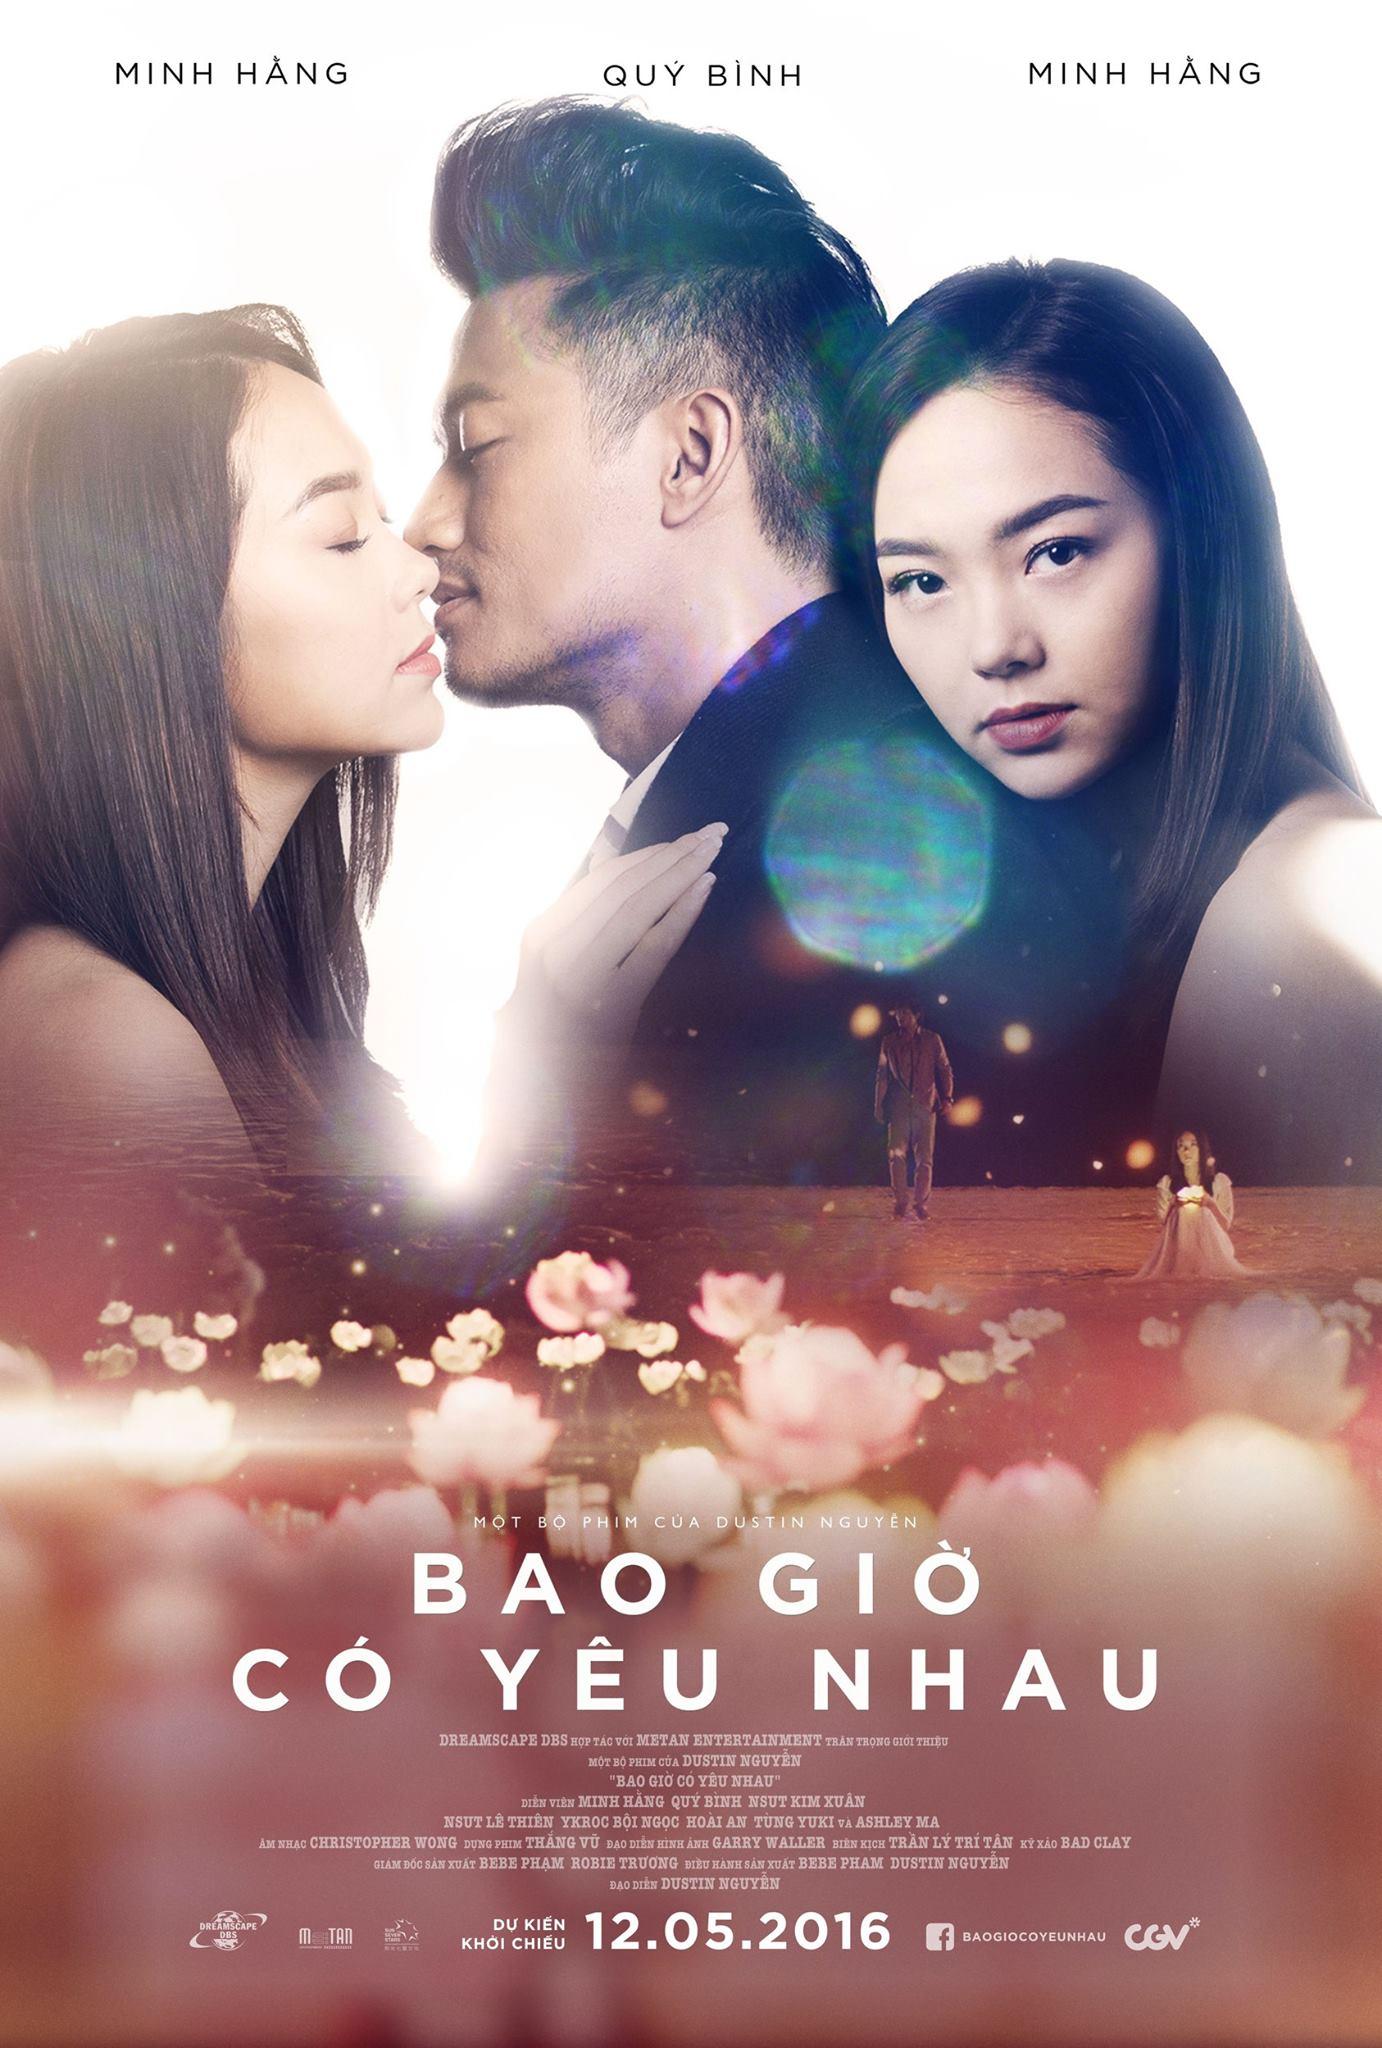 BGCYN poster.jpg